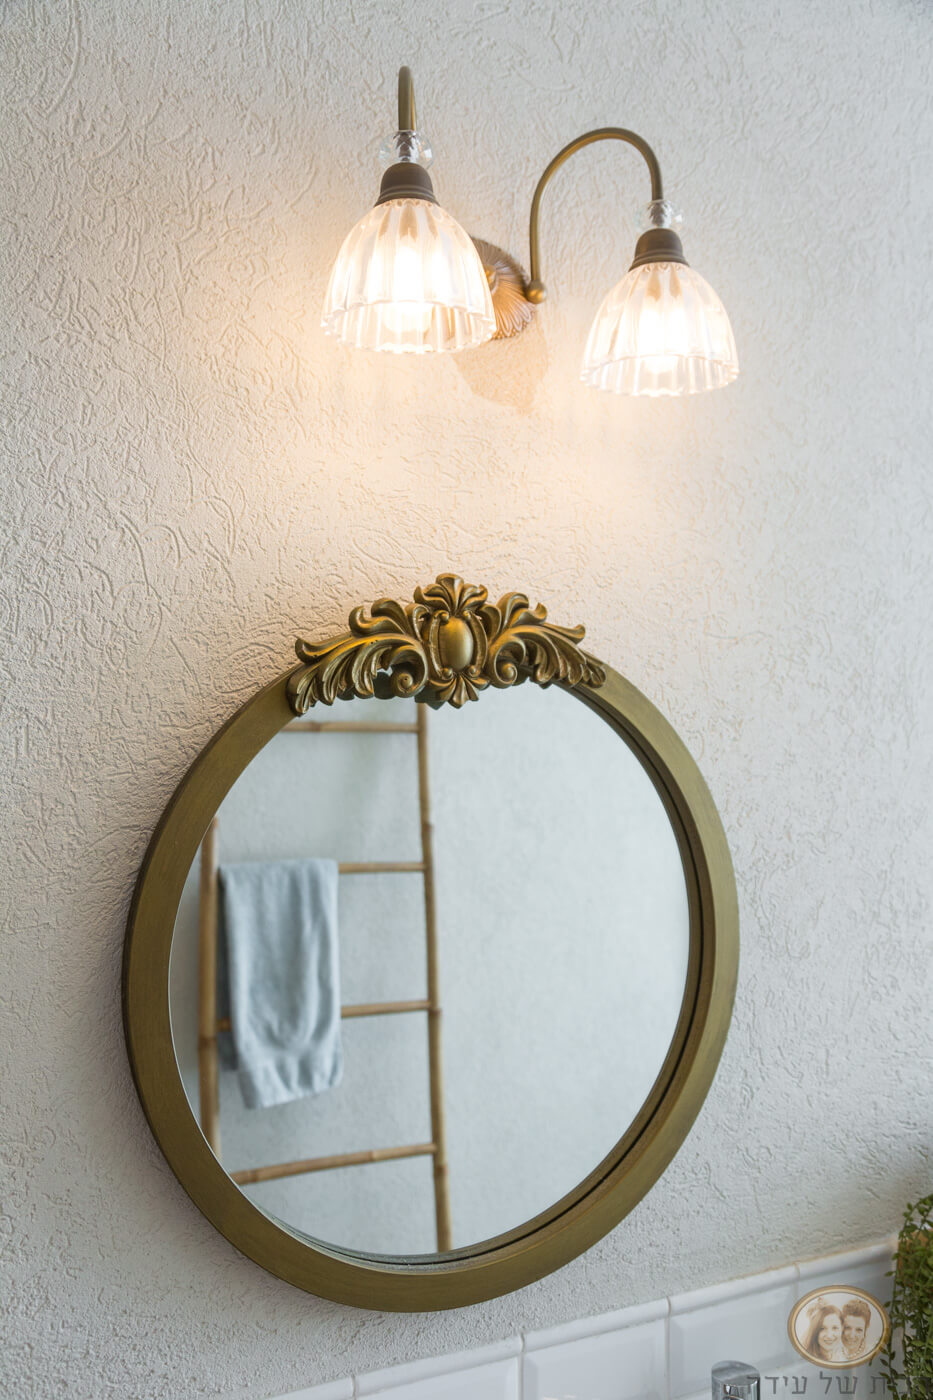 גוף תאורה לאמבטיה